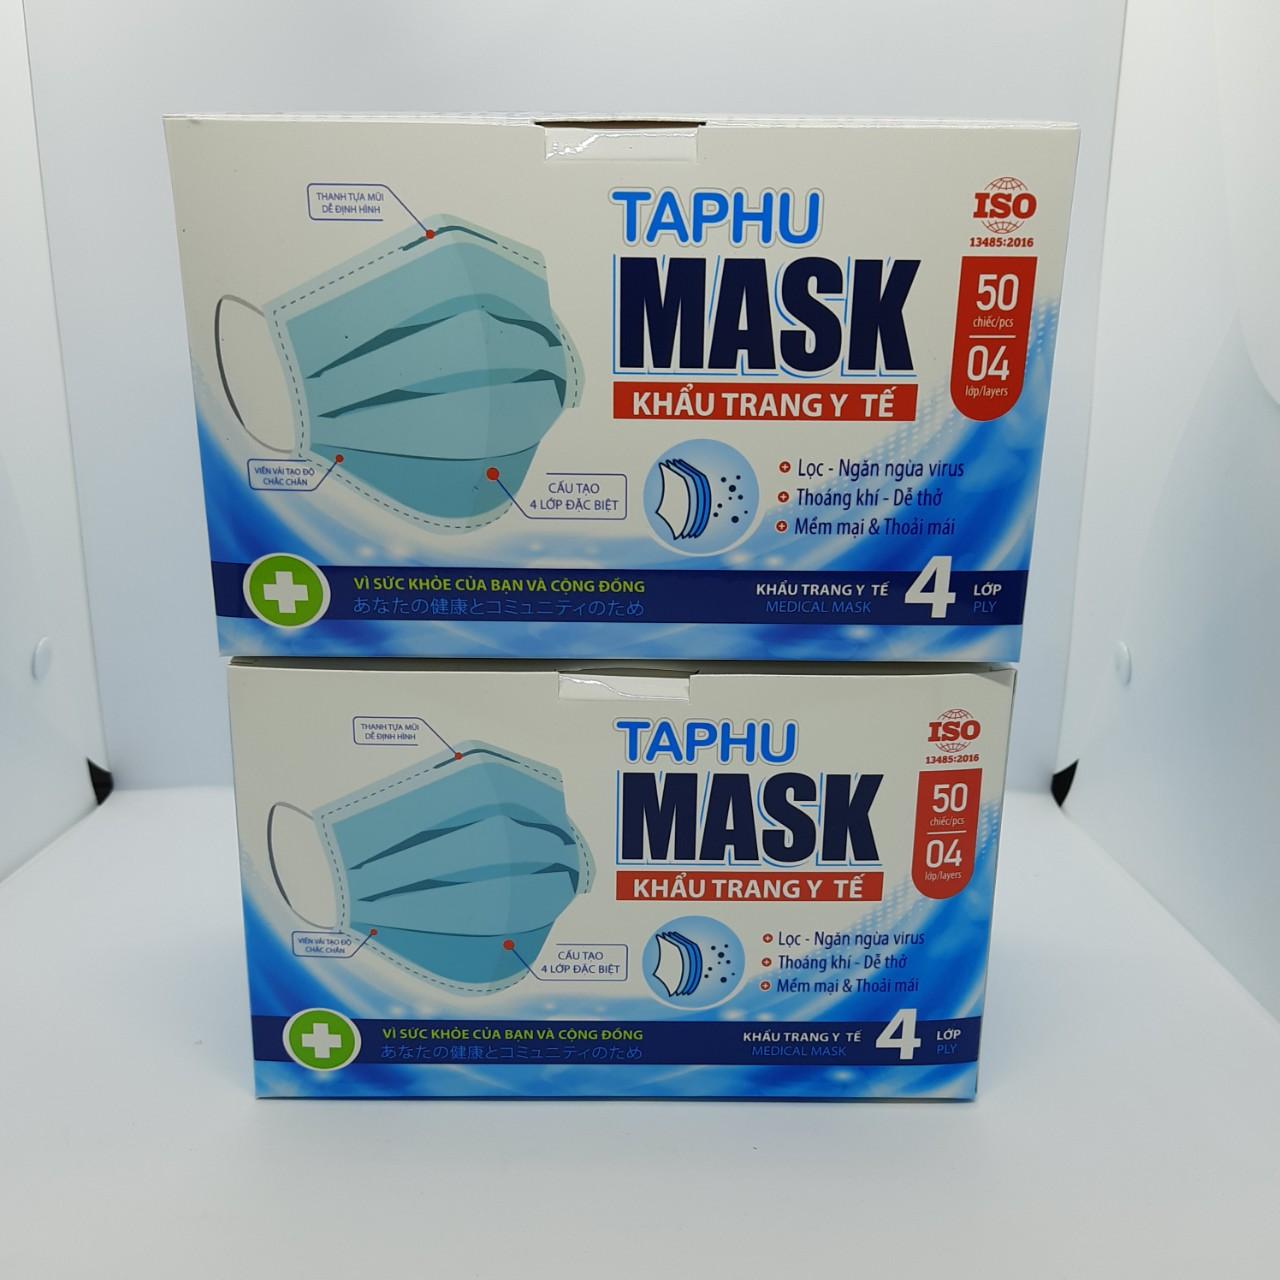 [COMBO 2 HỘP] Khẩu trang y tế 4 lớp hộp 50 cái màu xanh vải kháng khuẩn, có gọng mũi TAPHU MASK đạt tiêu chuẩn chất lượng của Bộ Y Tế